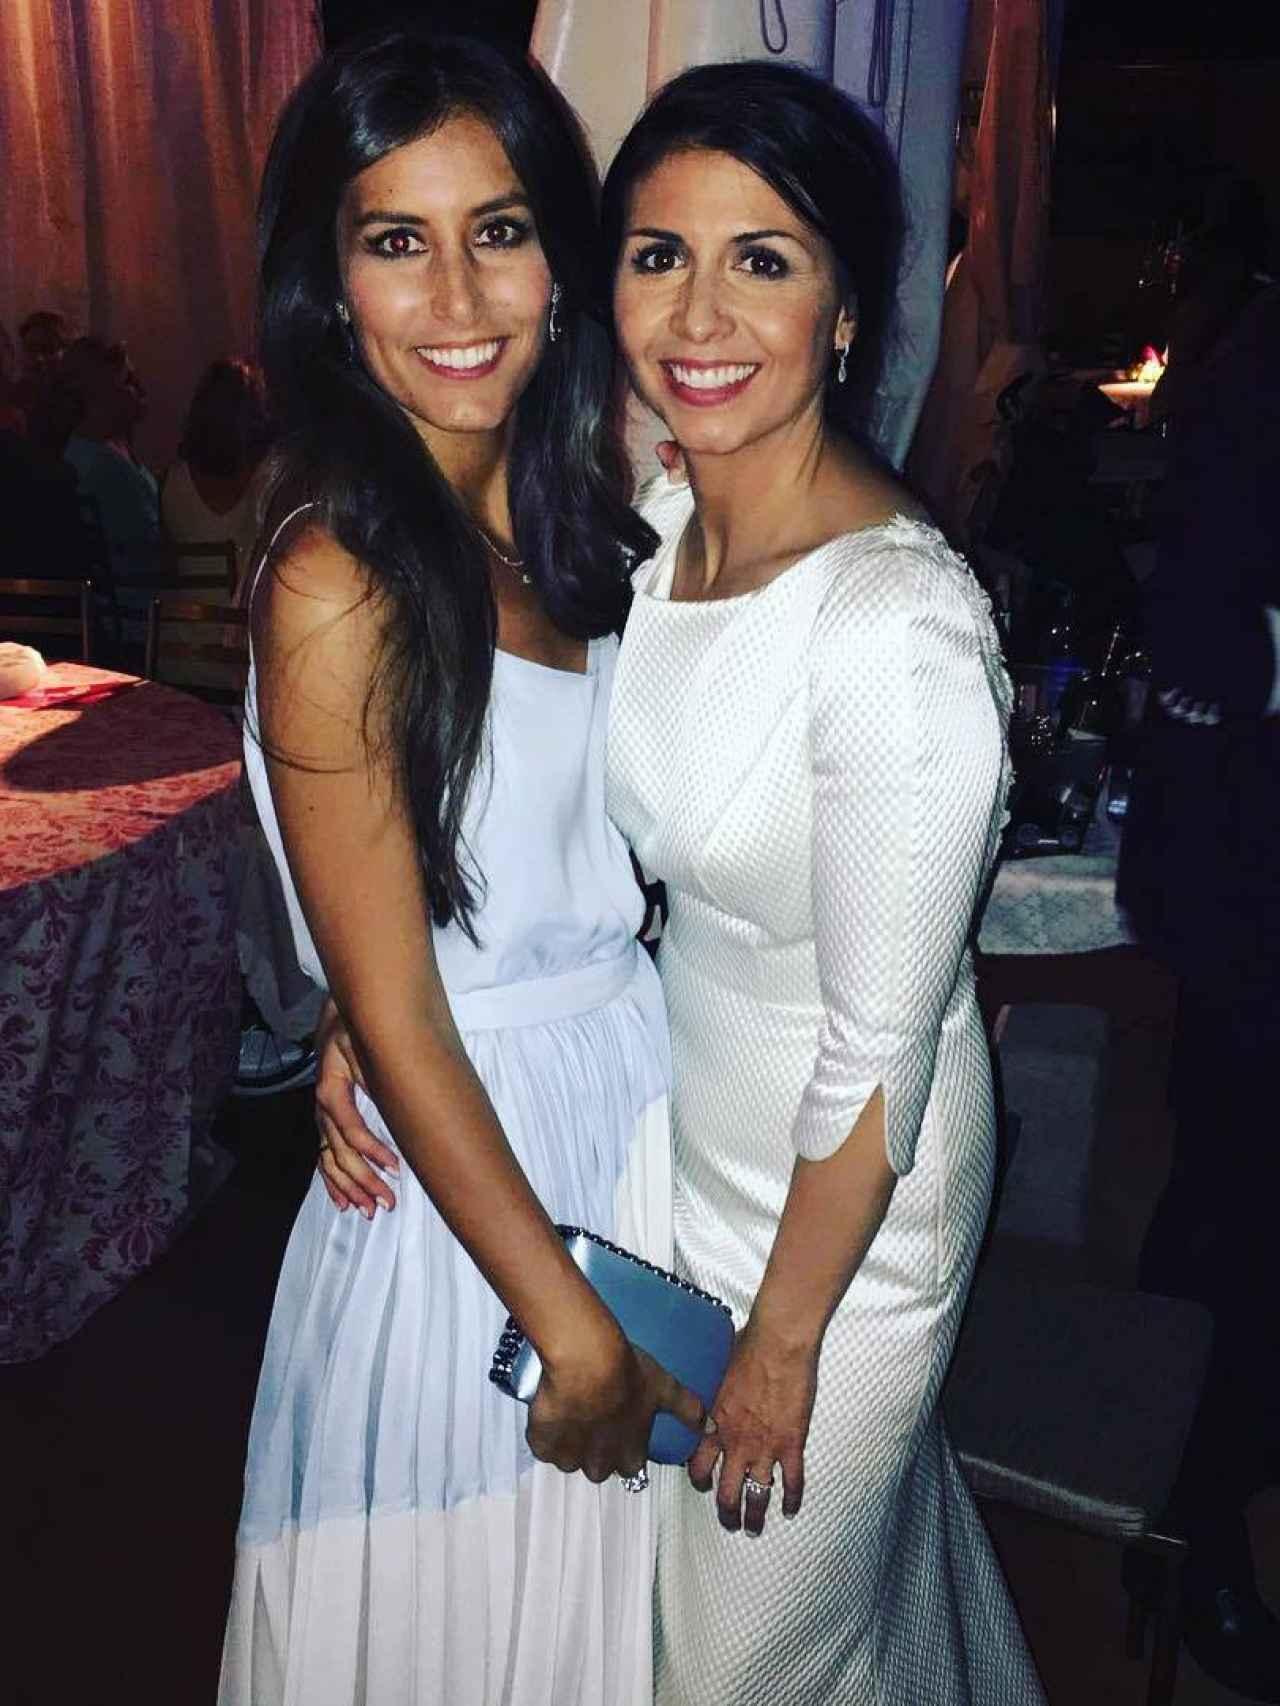 Ana Boyer y sara Verdasco el día de la boda de la hermana del tenista.